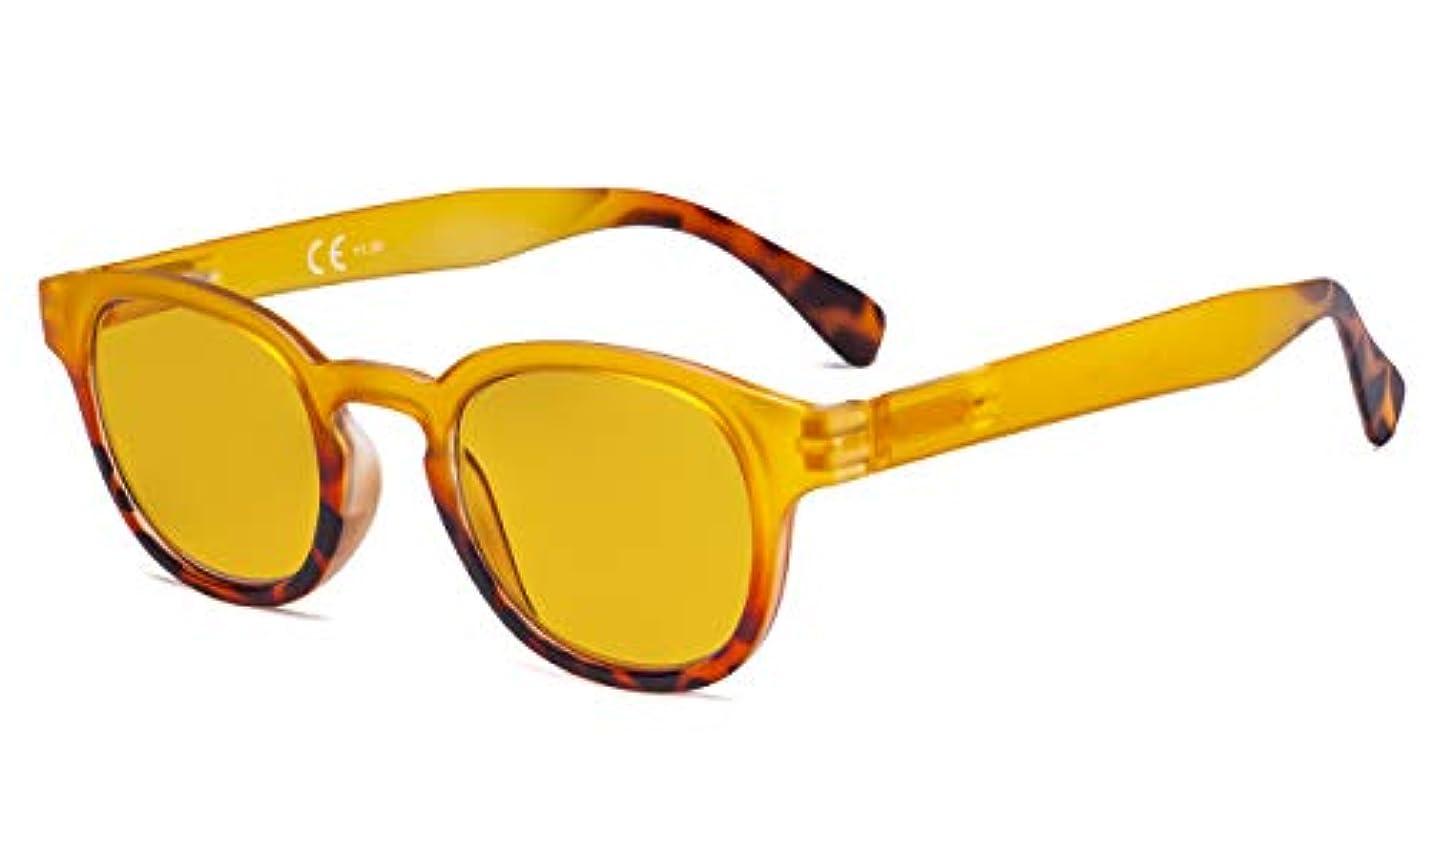 墓撤回する簡略化するアイキーパー(Eyekepper)ブルーライトカット リーディンググラス(老眼鏡) 琥珀色レンズ ボストン型 PCメガネ 可愛い レーディスベッコウ柄 イエローフレーム+1.25